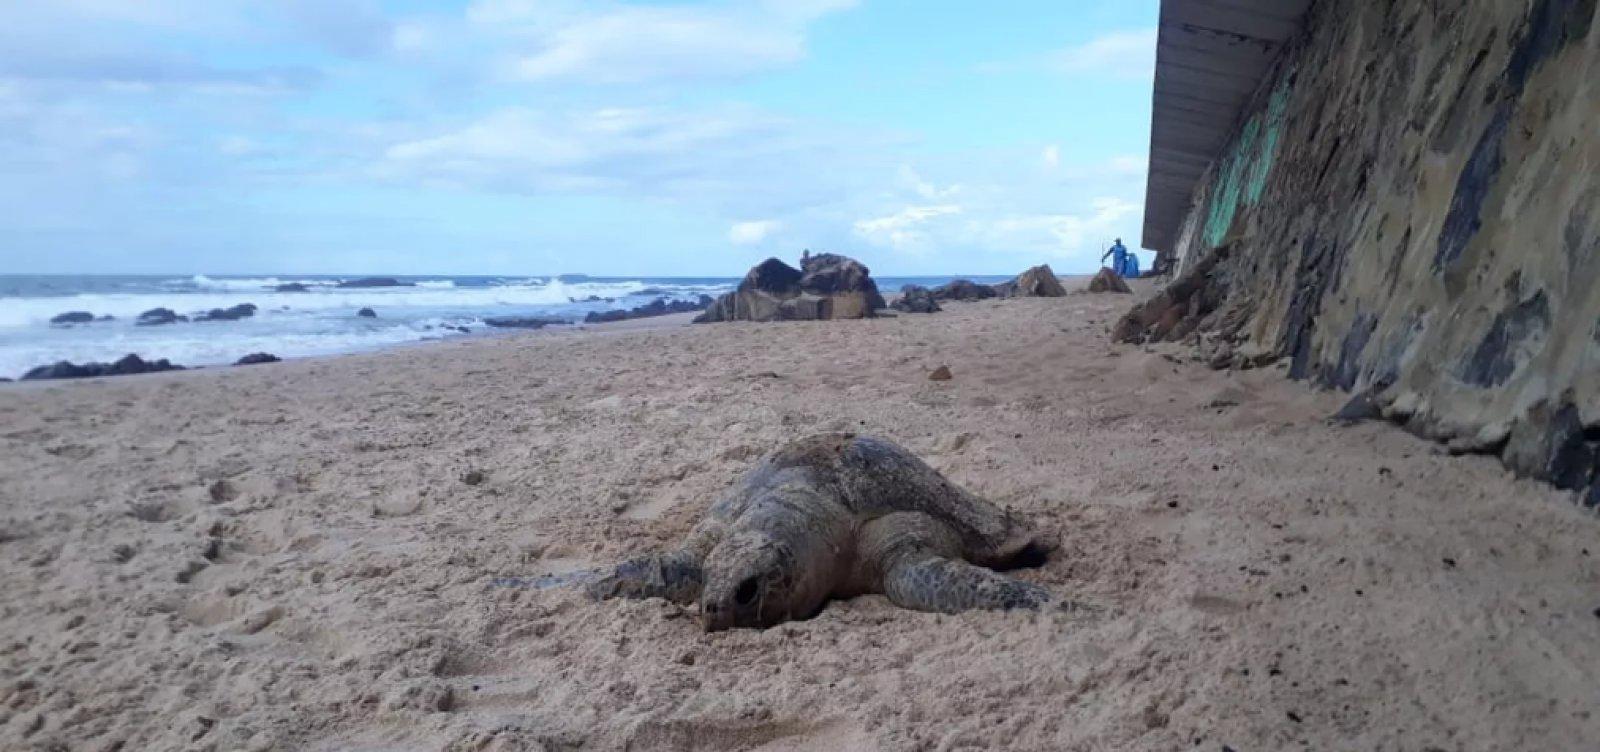 Tartaruga é encontrada morta na praia de Ondina